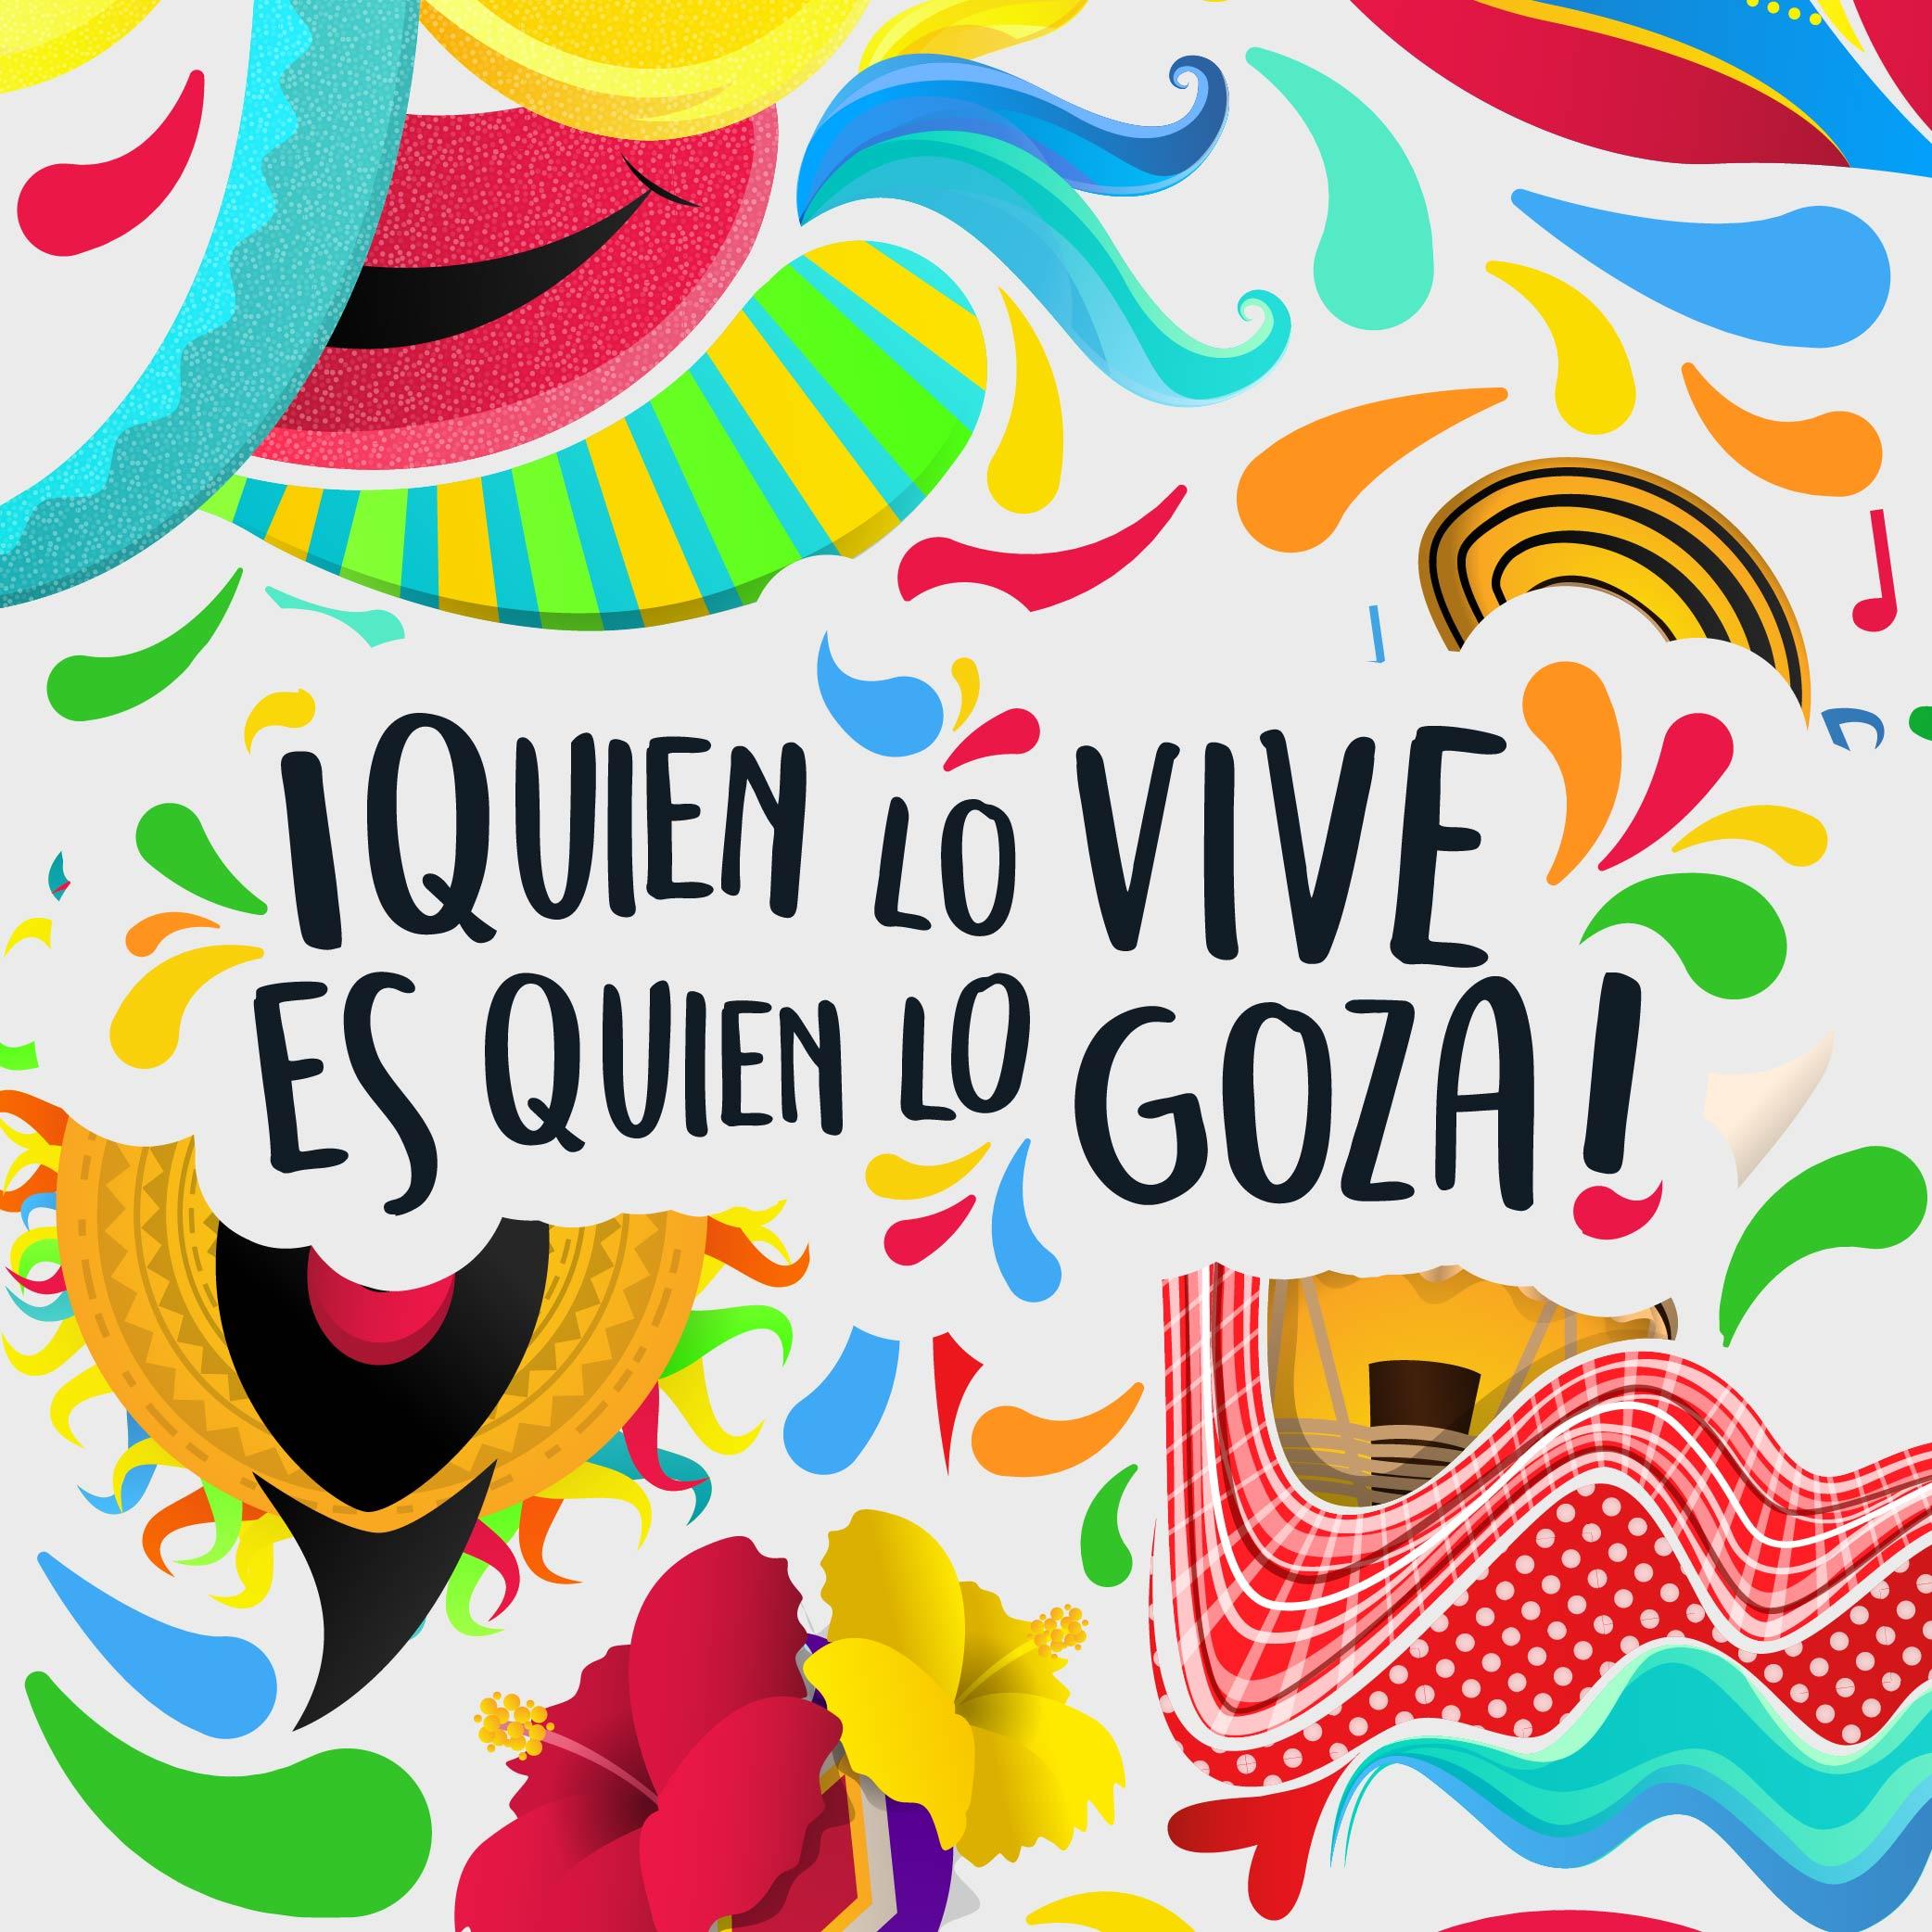 Listas imágenes para la exposición del Carnaval de Barranquilla 2020